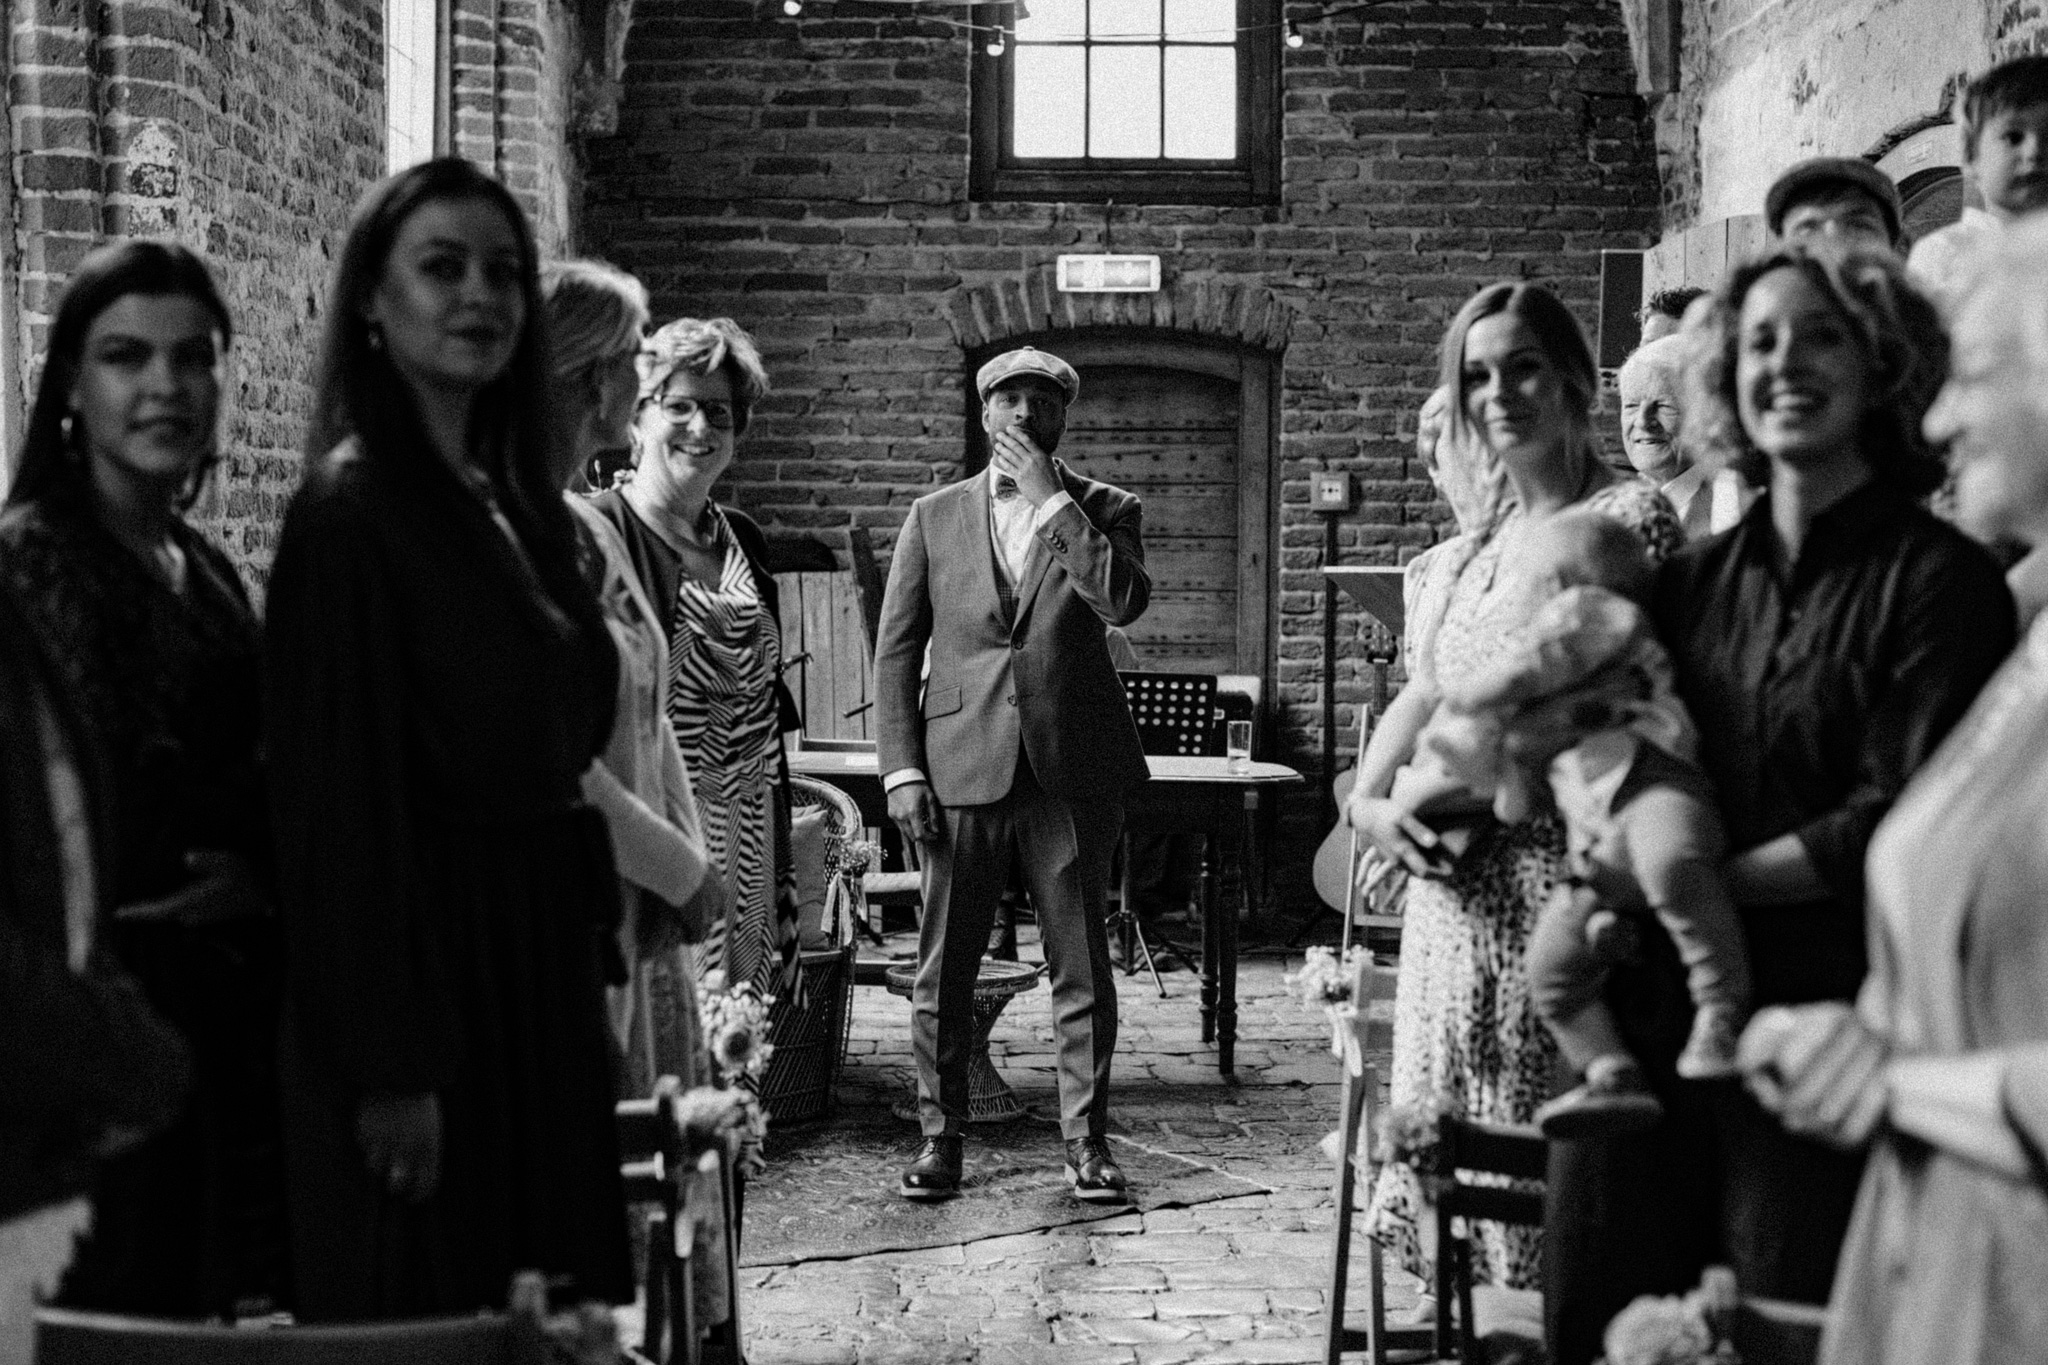 Bruidegom wacht op bruid tijdens trouwceremonie bij Kloster Graefenthal